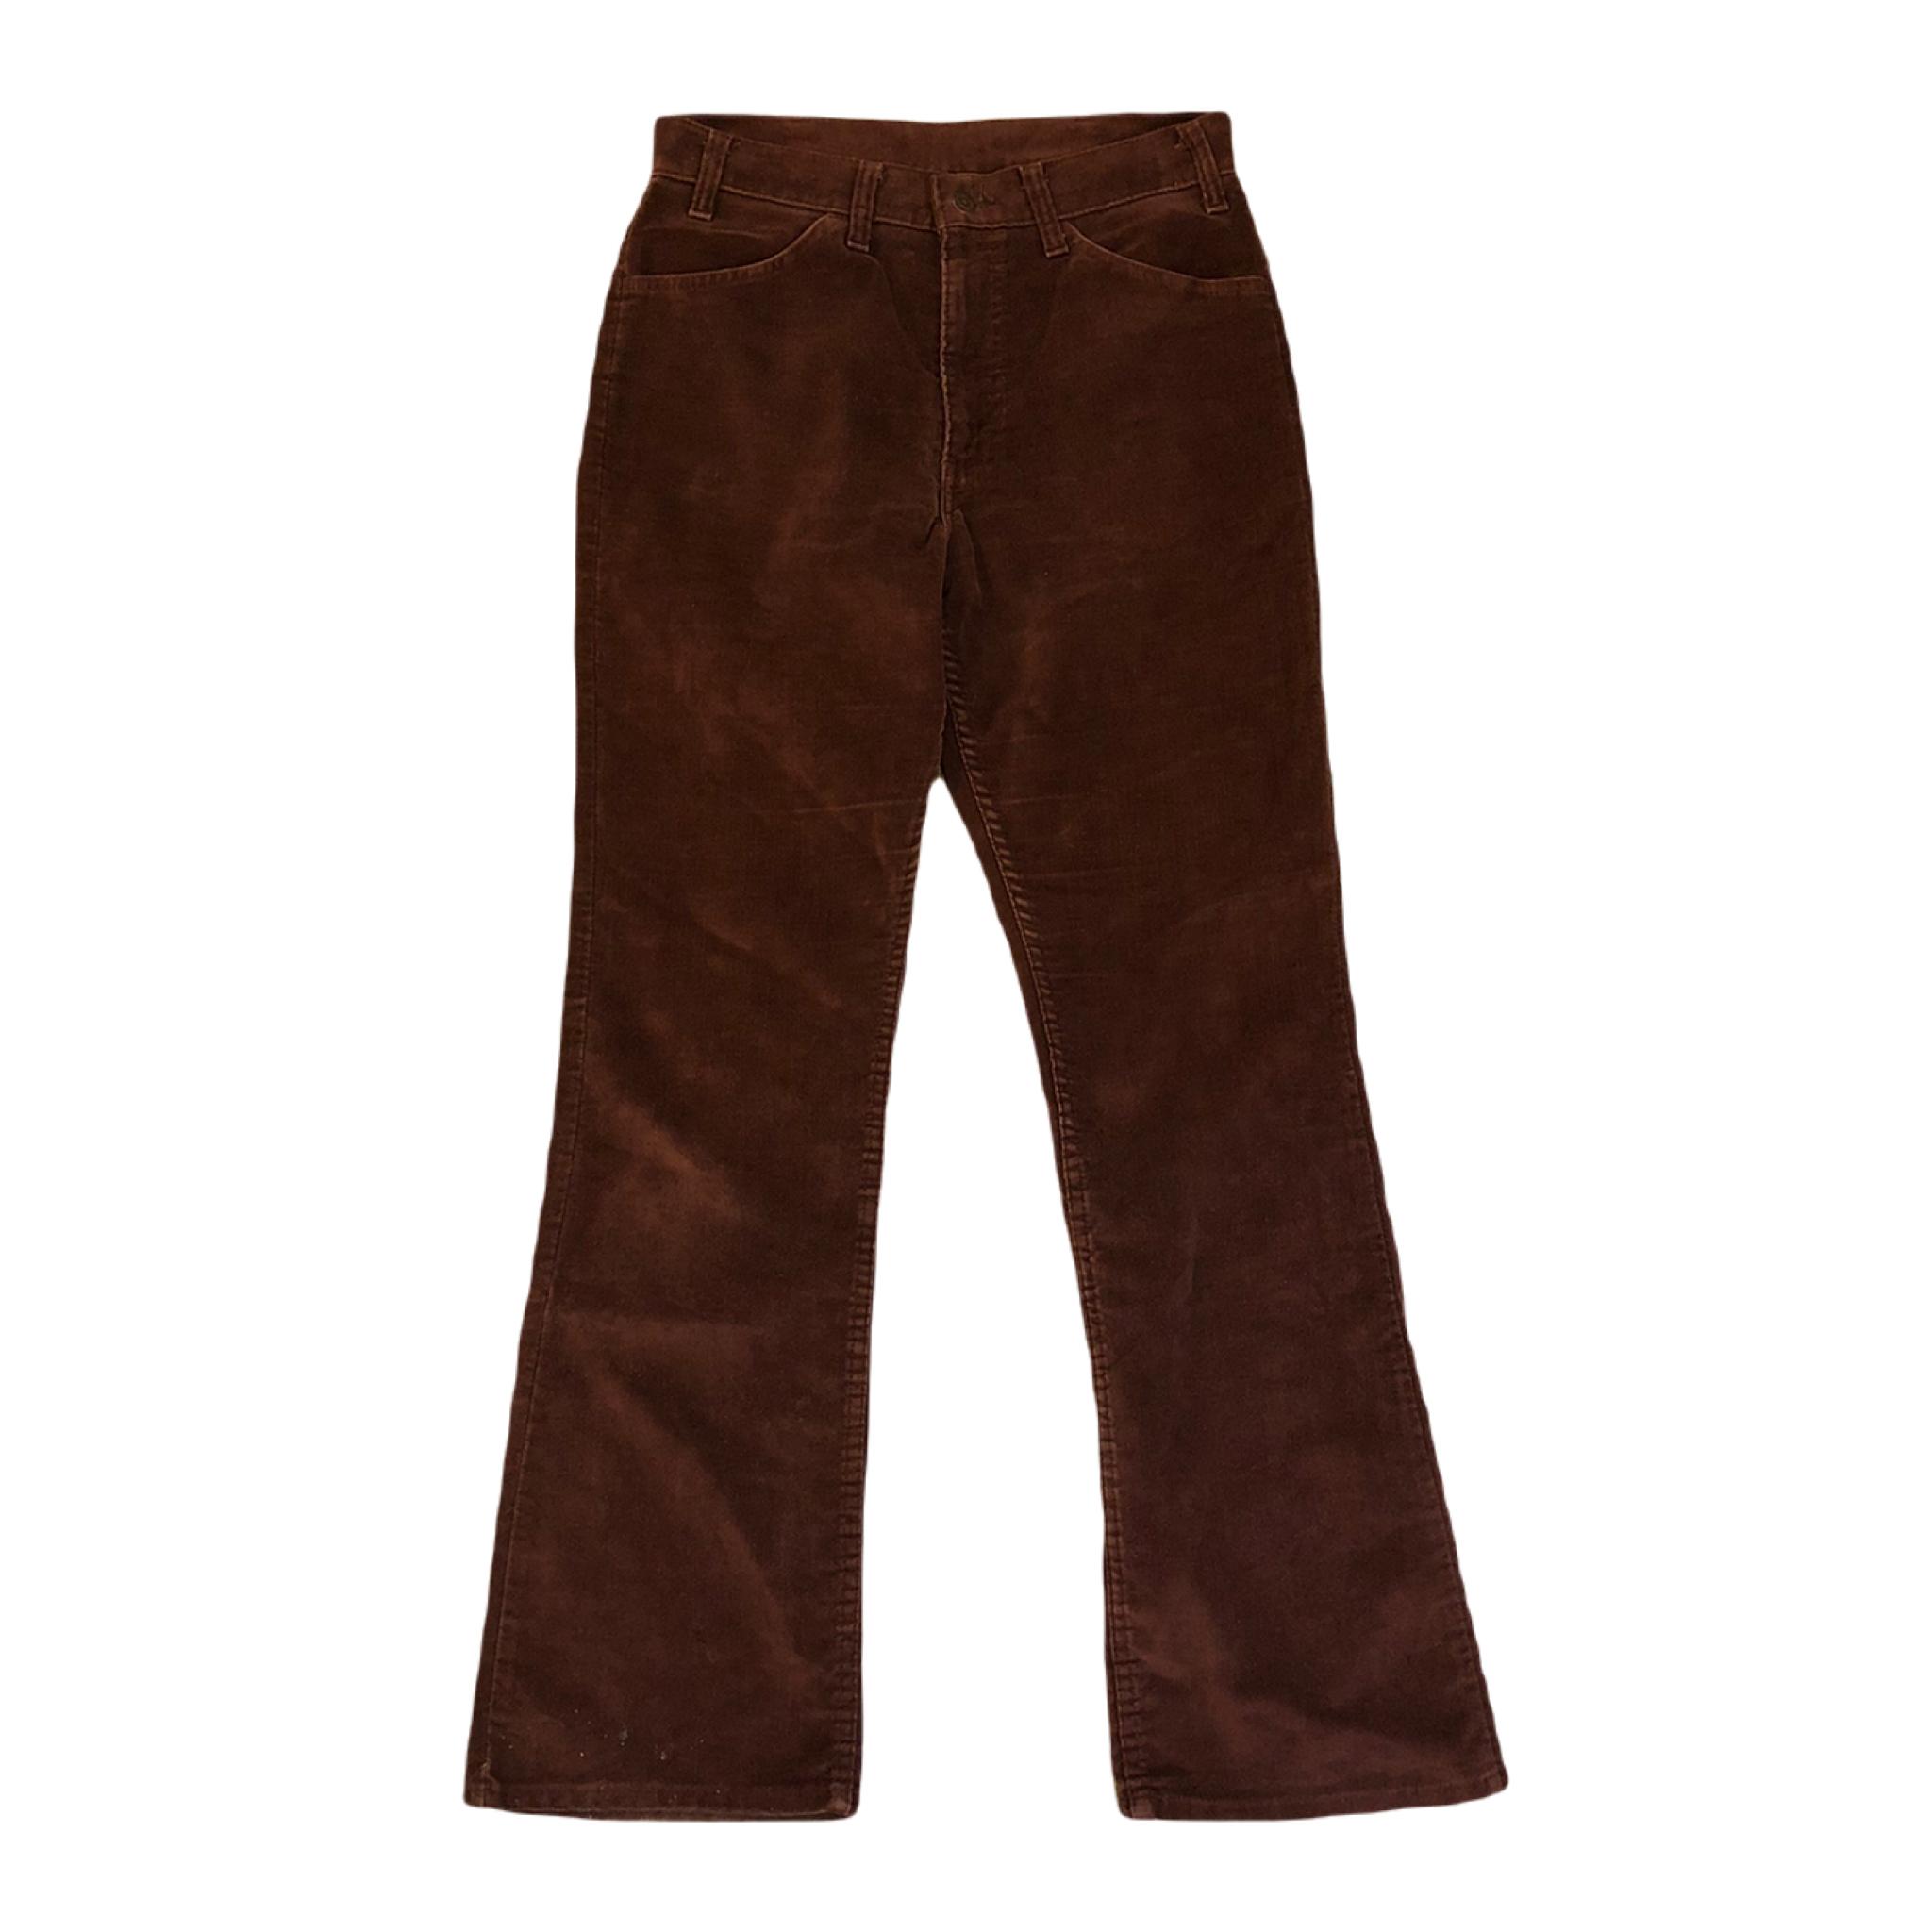 Levi's 517 Moleskin Pants ¥8,600+tax